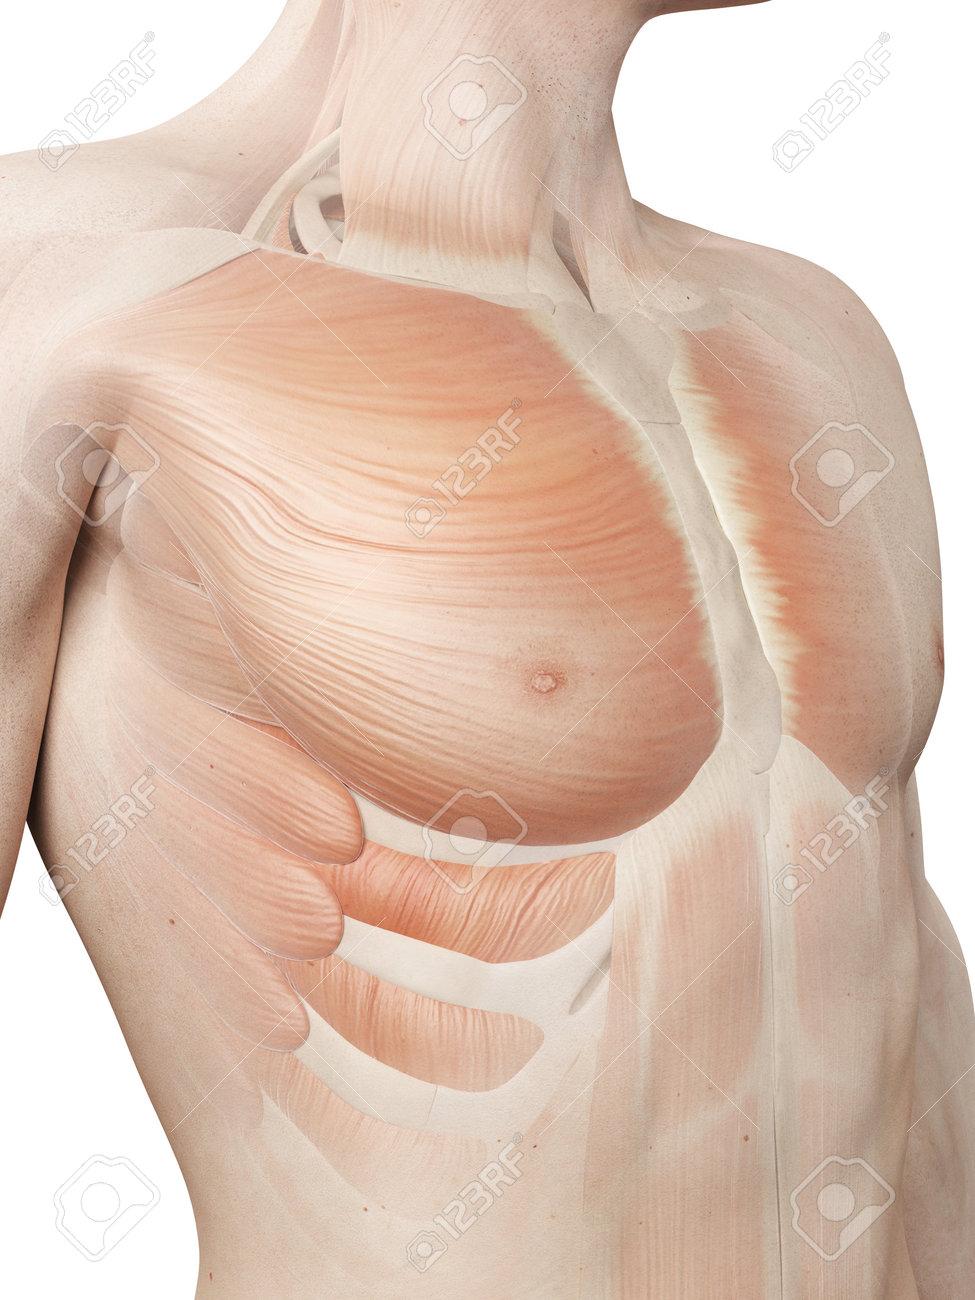 Medizinische 3D-Darstellung - Männlich Muskelsystem - Brustmuskel ...